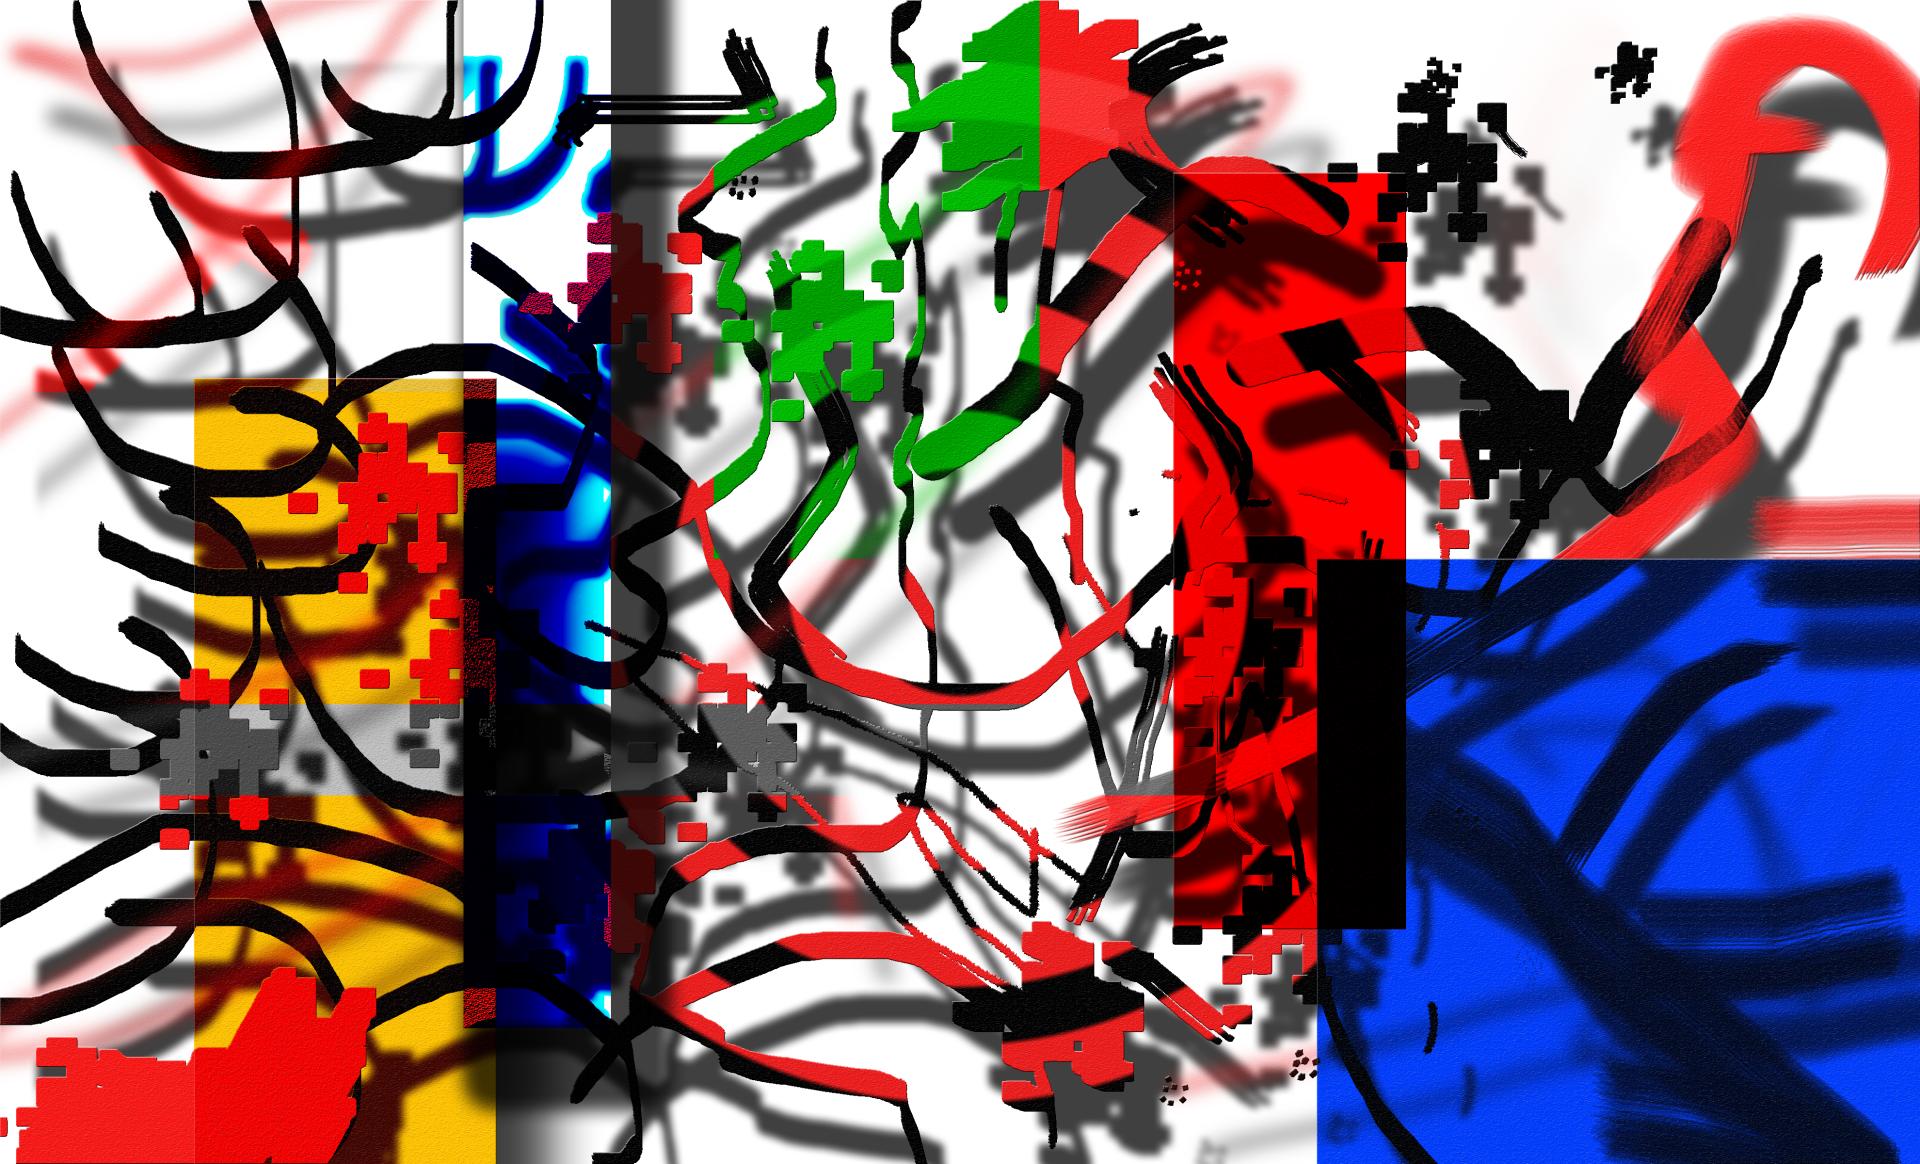 Art ID: 135287